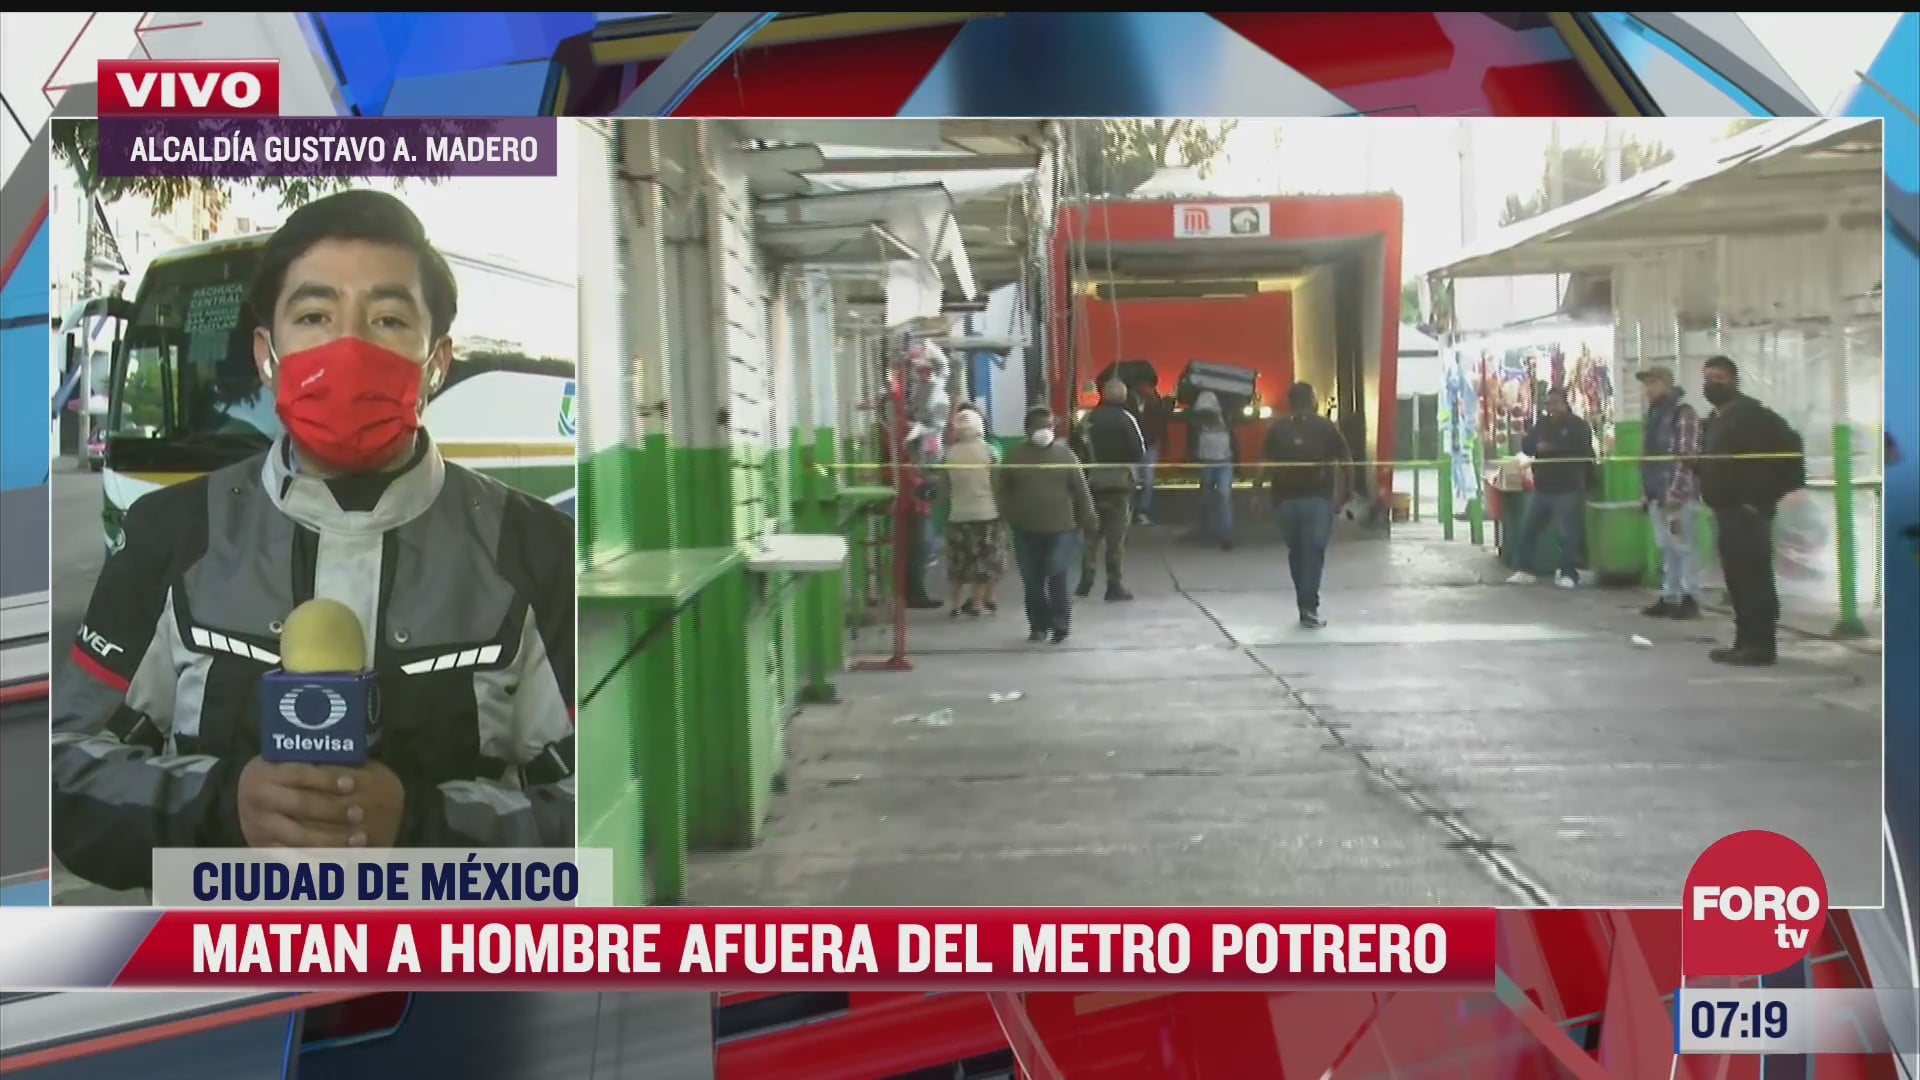 asesinan a hombre afuera del metro potrero en cdmx